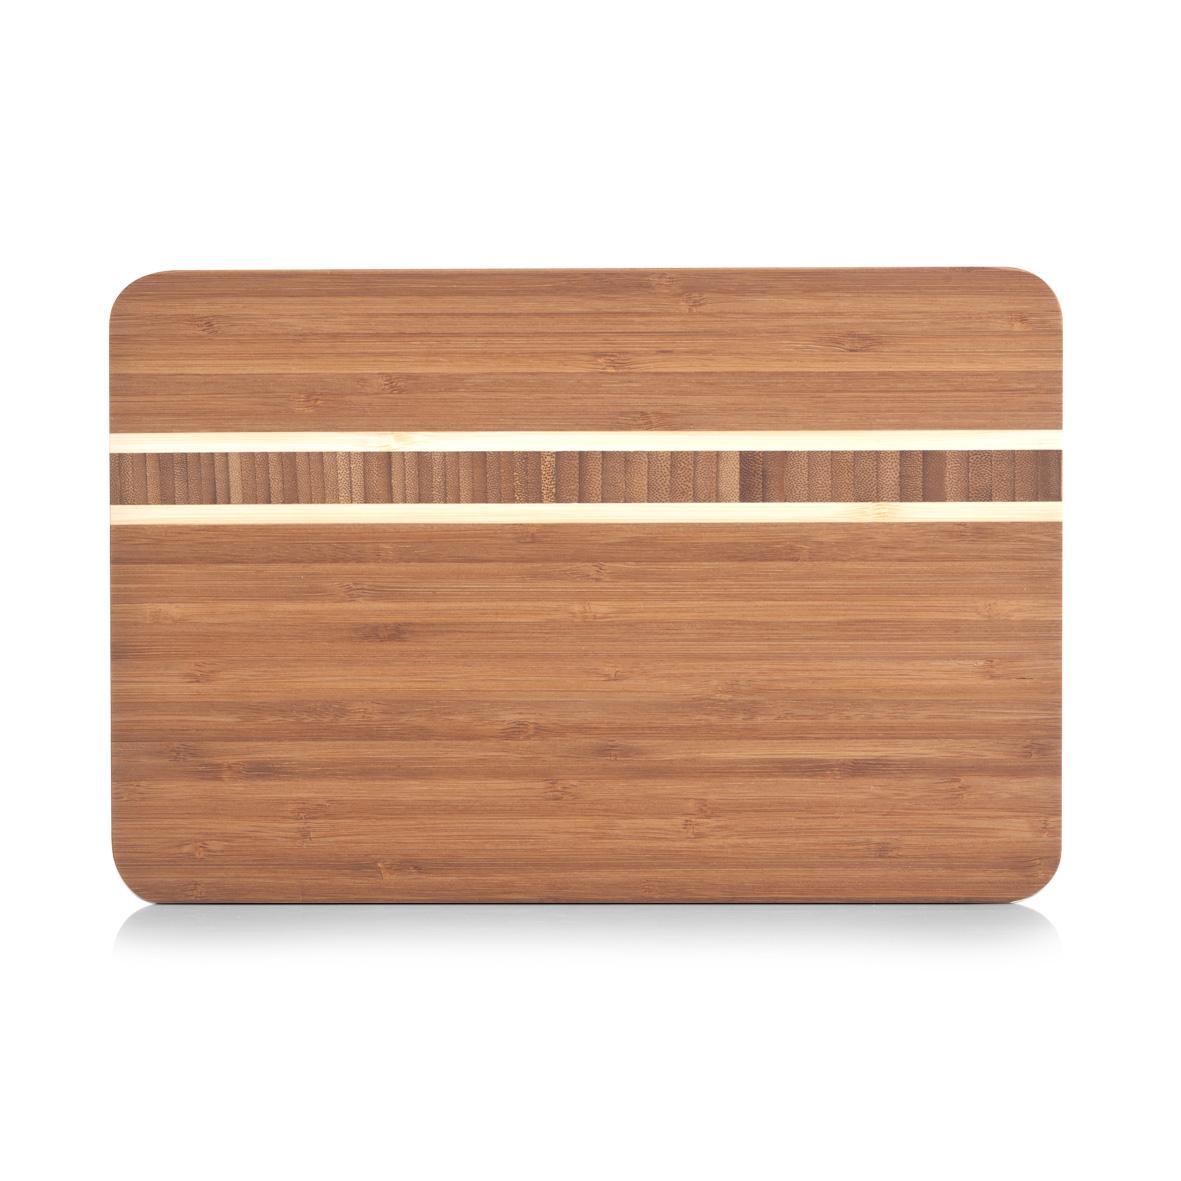 Доска разделочная 30х20х1,6 см. бамбук 2523525235Доска разделочная 30х20х1,6 см. бамбук 25235